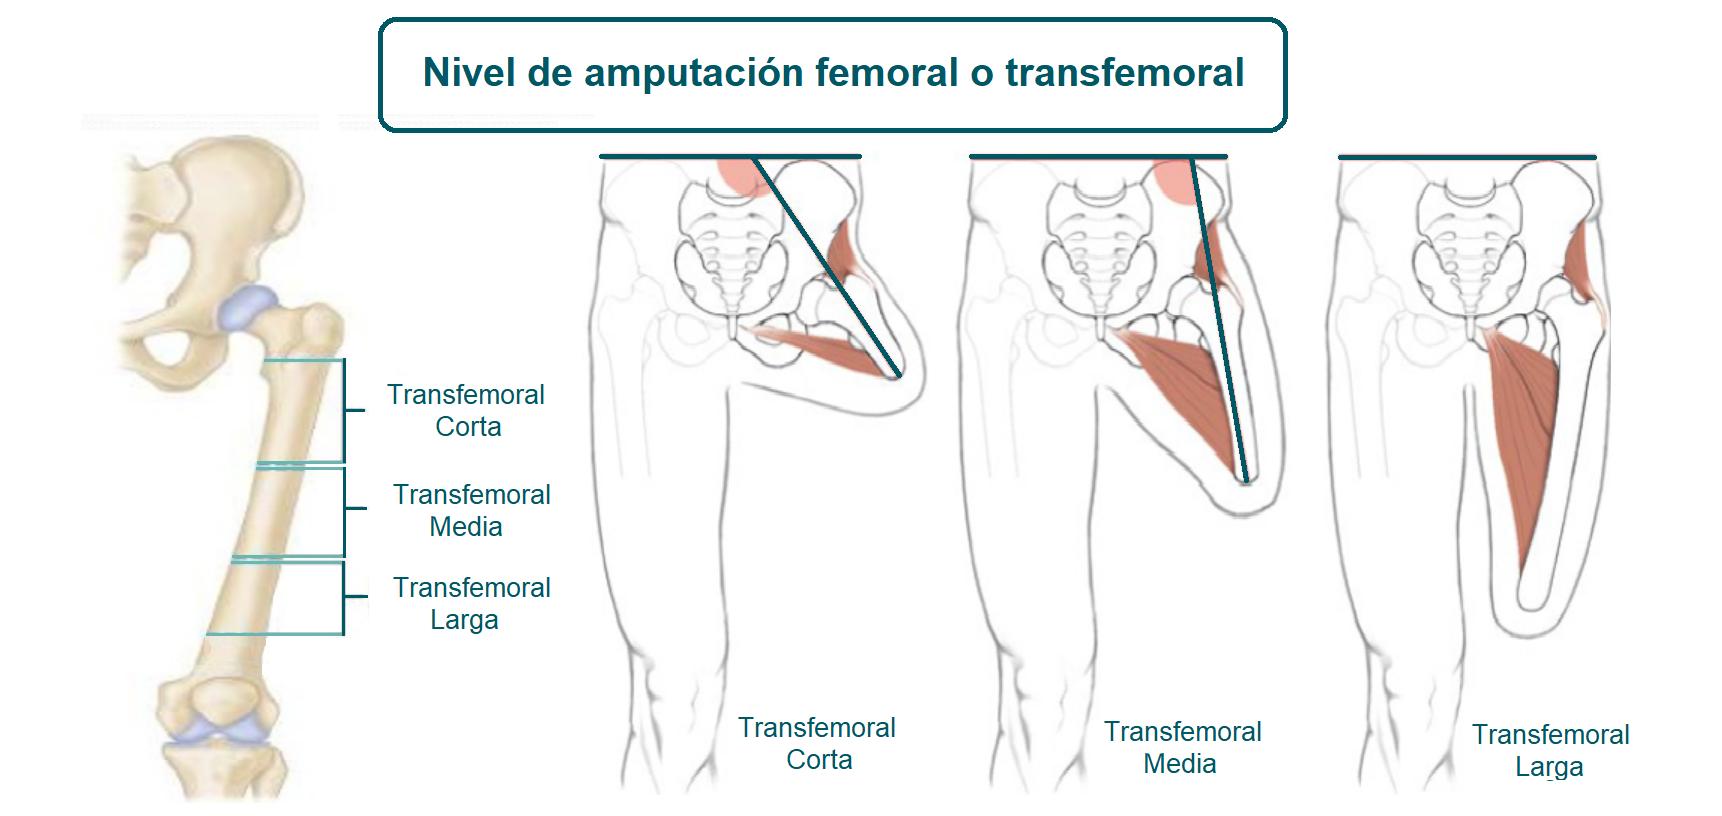 niveles de amputación femoral o transfemoral